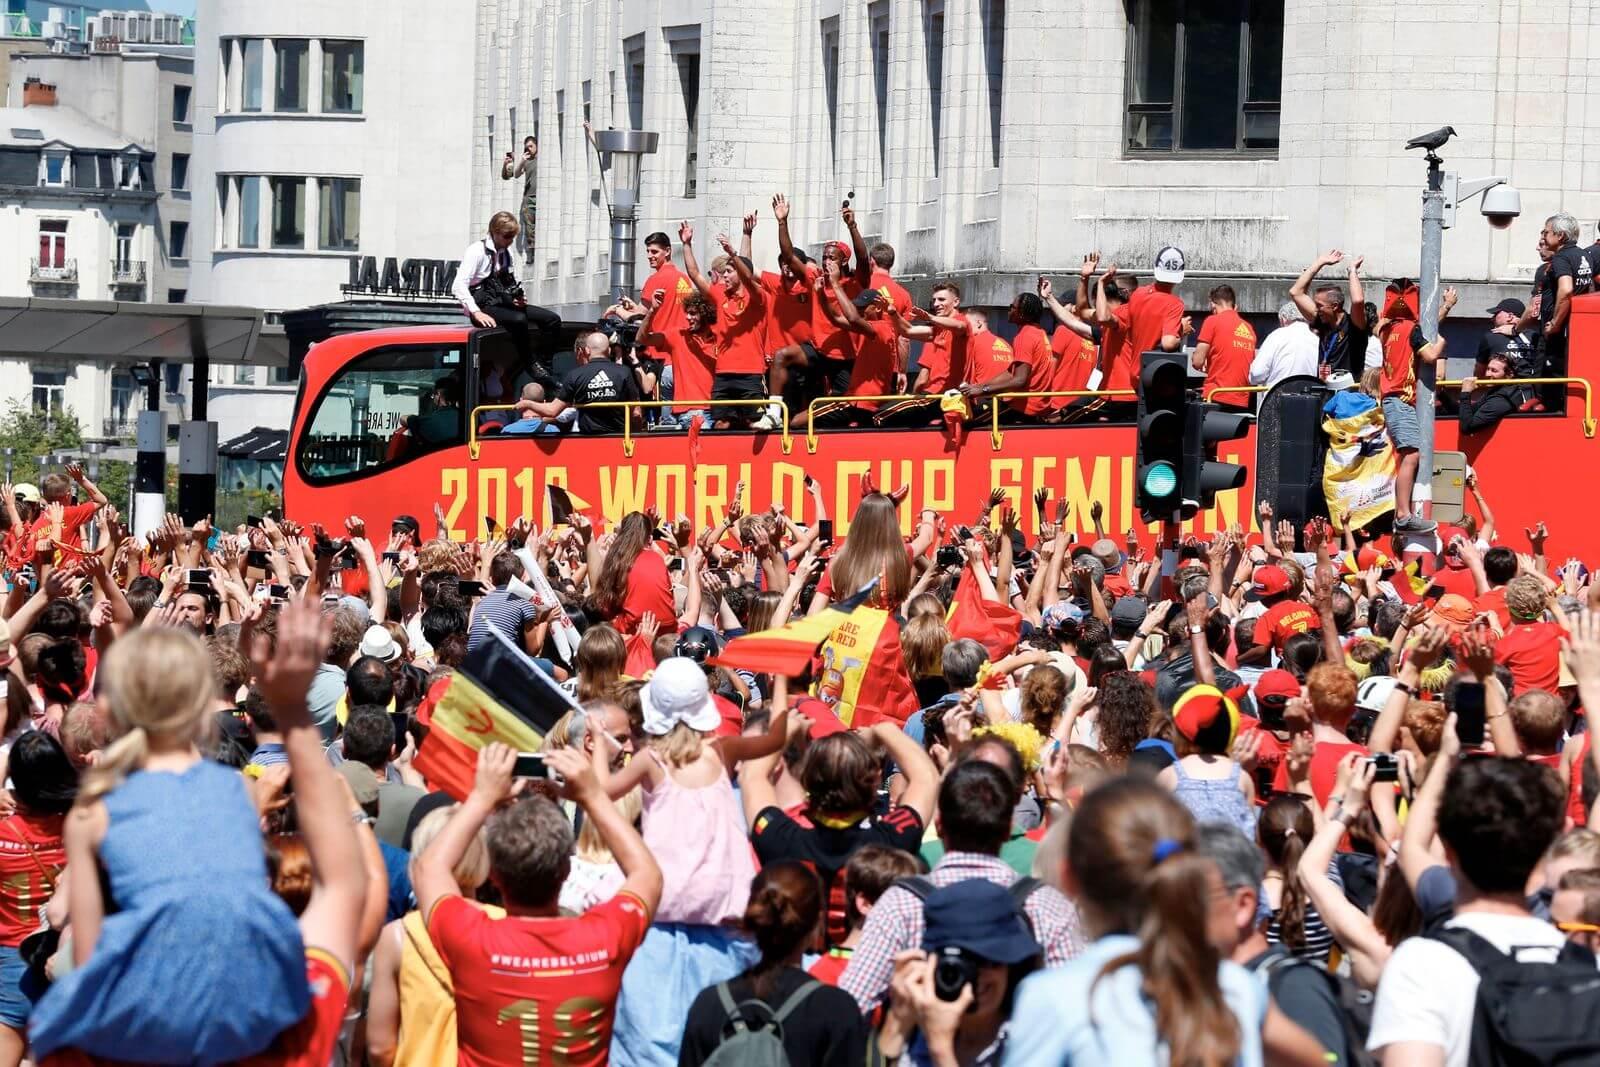 Mùa Hè này, ĐT Bỉ lại muốn ăn mừng tại Tòa thị chính Thủ đô với tấm HCV EURO trên cổ